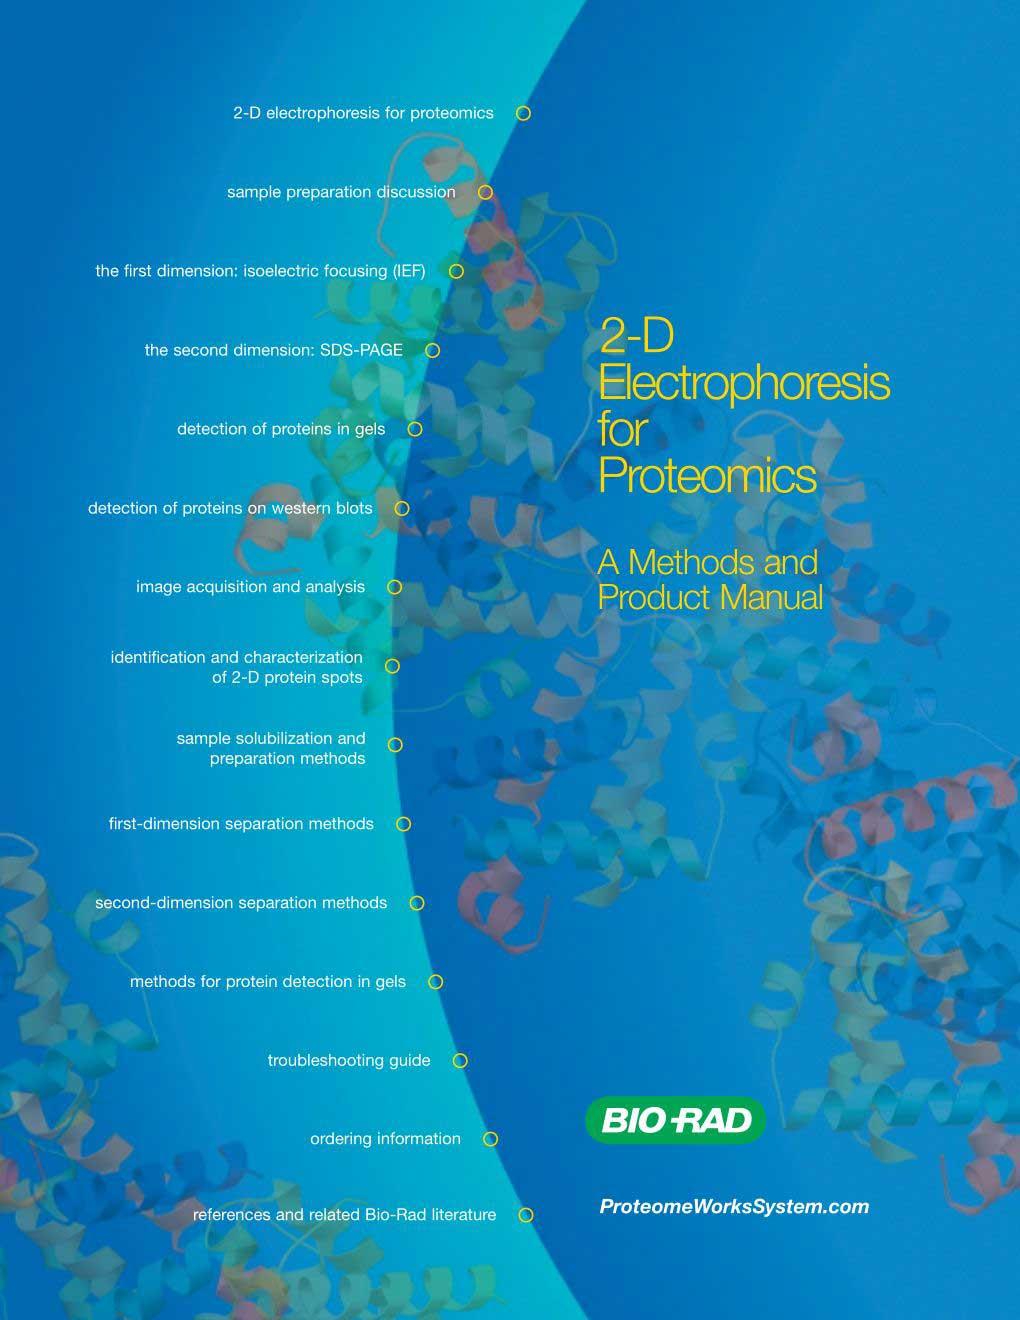 2-D-Electrophoresis-for-Proteomics---Pasteur-Lab._1